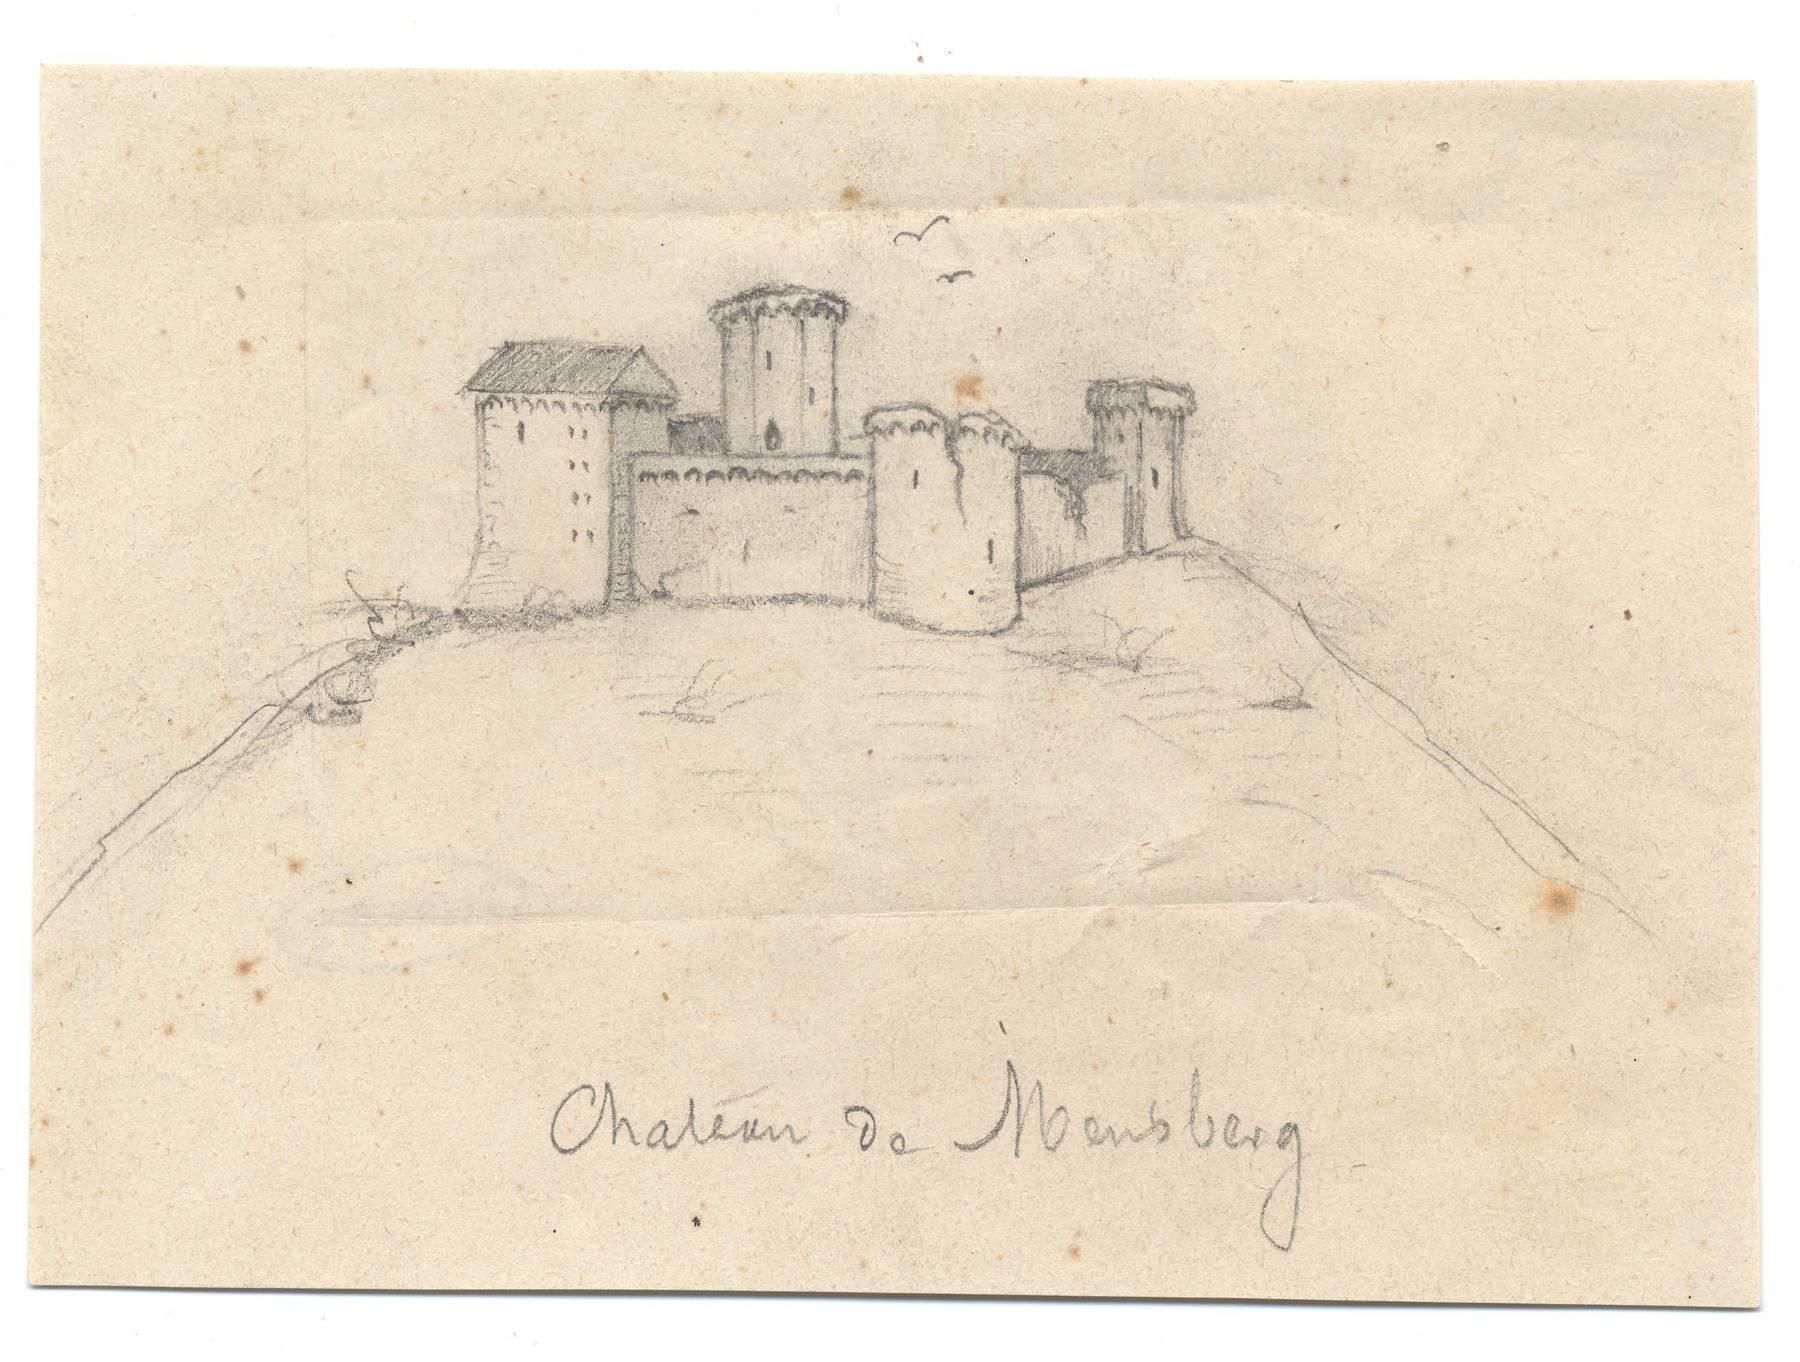 Contenu du Château de Mensberg